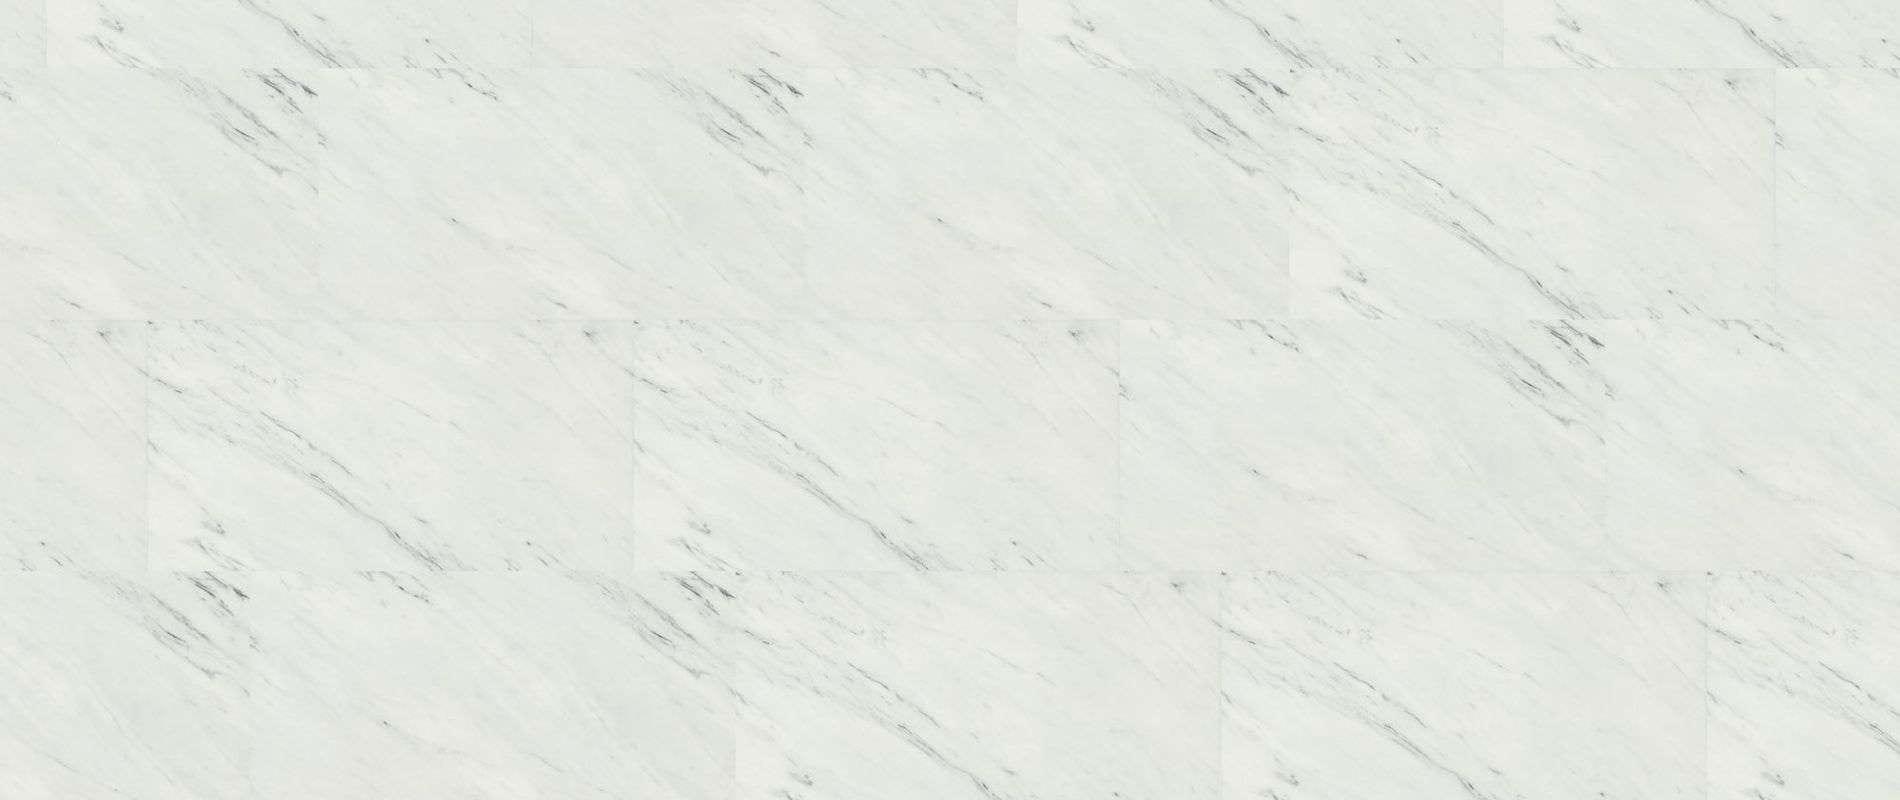 Vinyl Fliesenoptik vinylboden wei hochglanz vinylboden natureiche klebevinyl mm tami